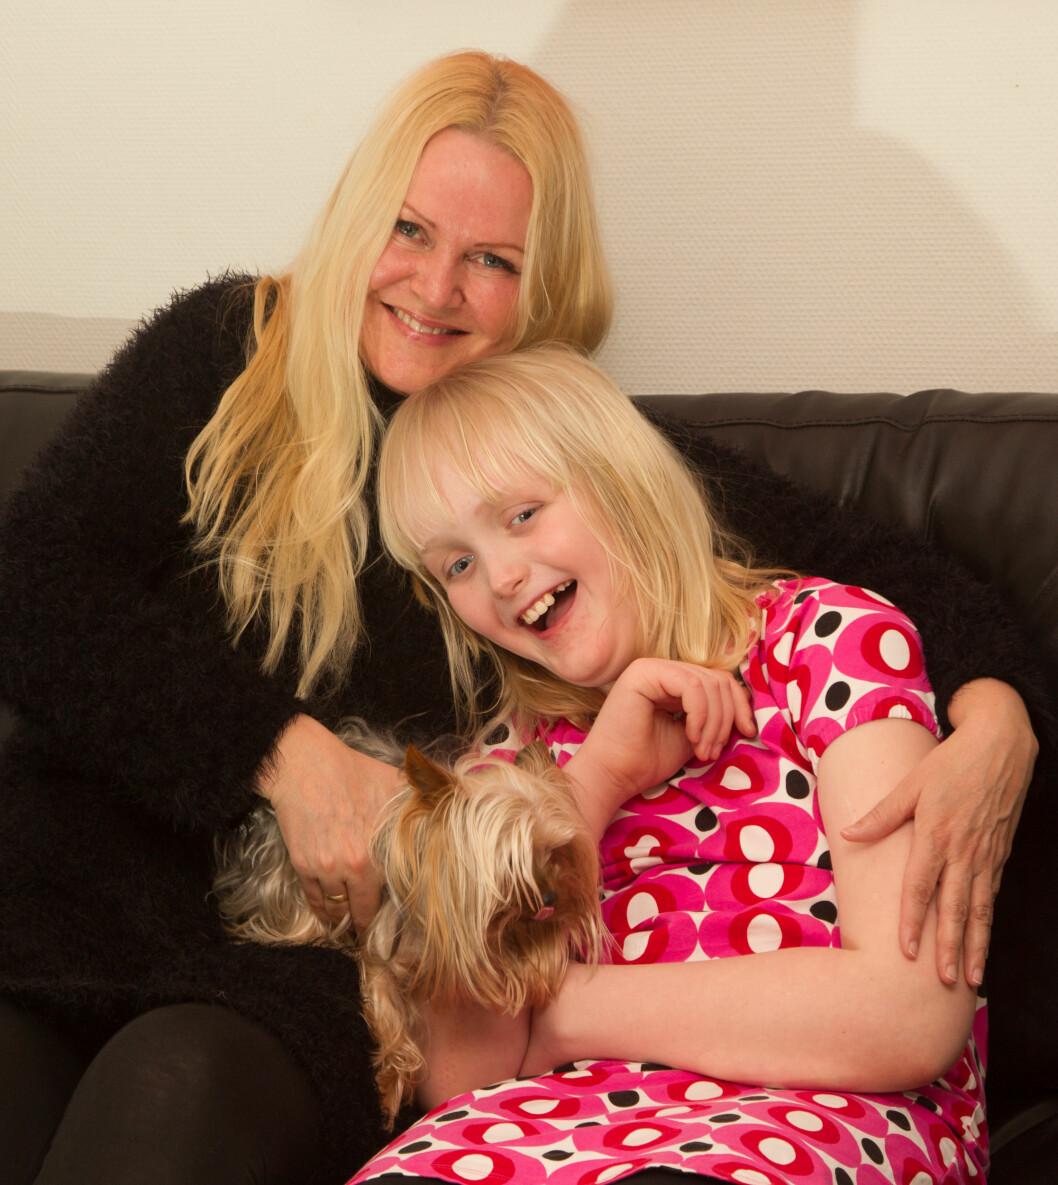 LIKER Å KOSE: Selv om Mille er stor av vekst, er hun ikke for stor til å krype inn i mamma Ninas armkrok for å få ekstra kos. Foto: SVEND AAGE MADSEN/SE OG HØR